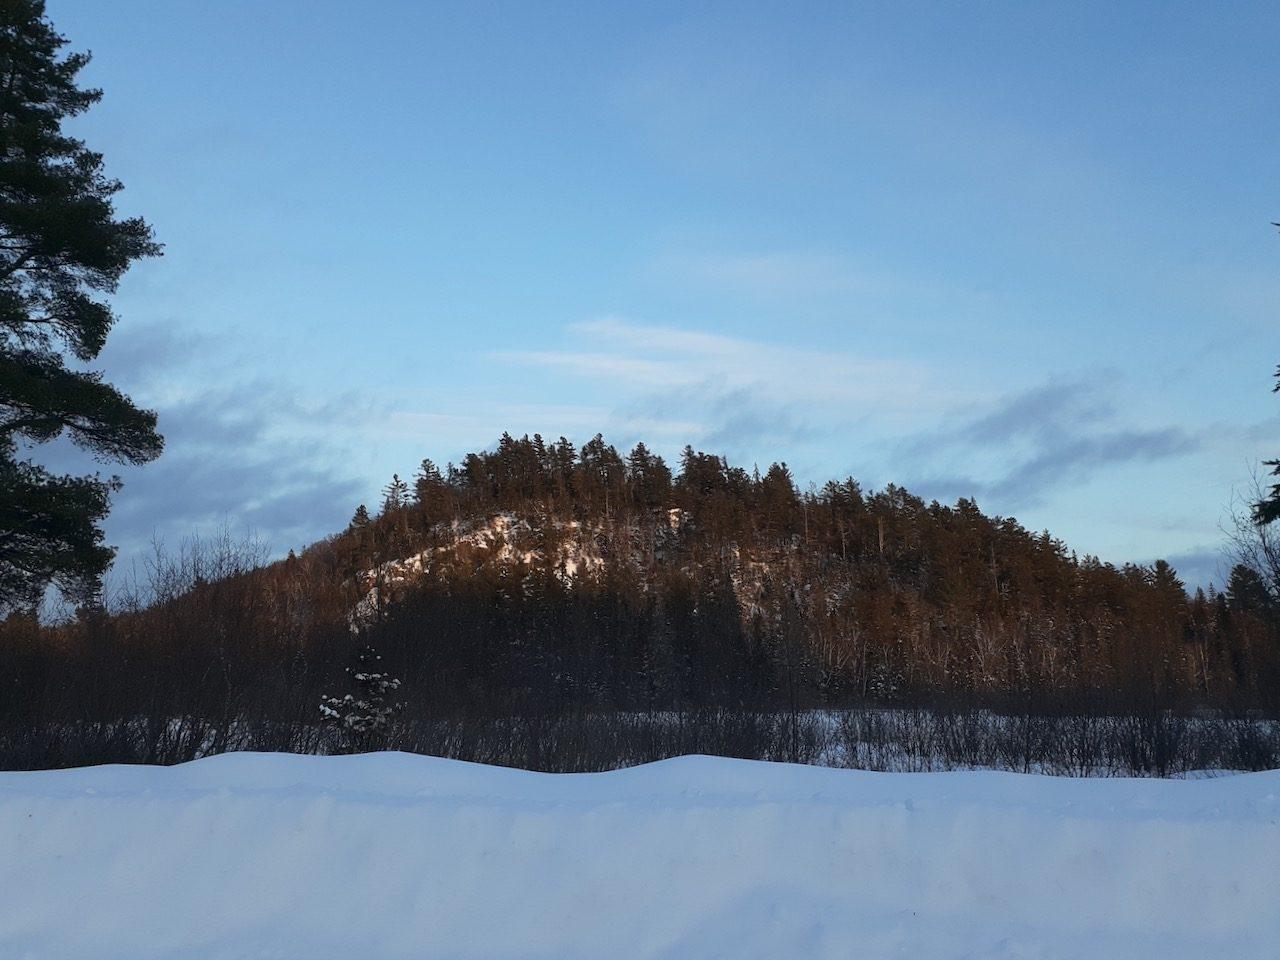 Nickle Peak